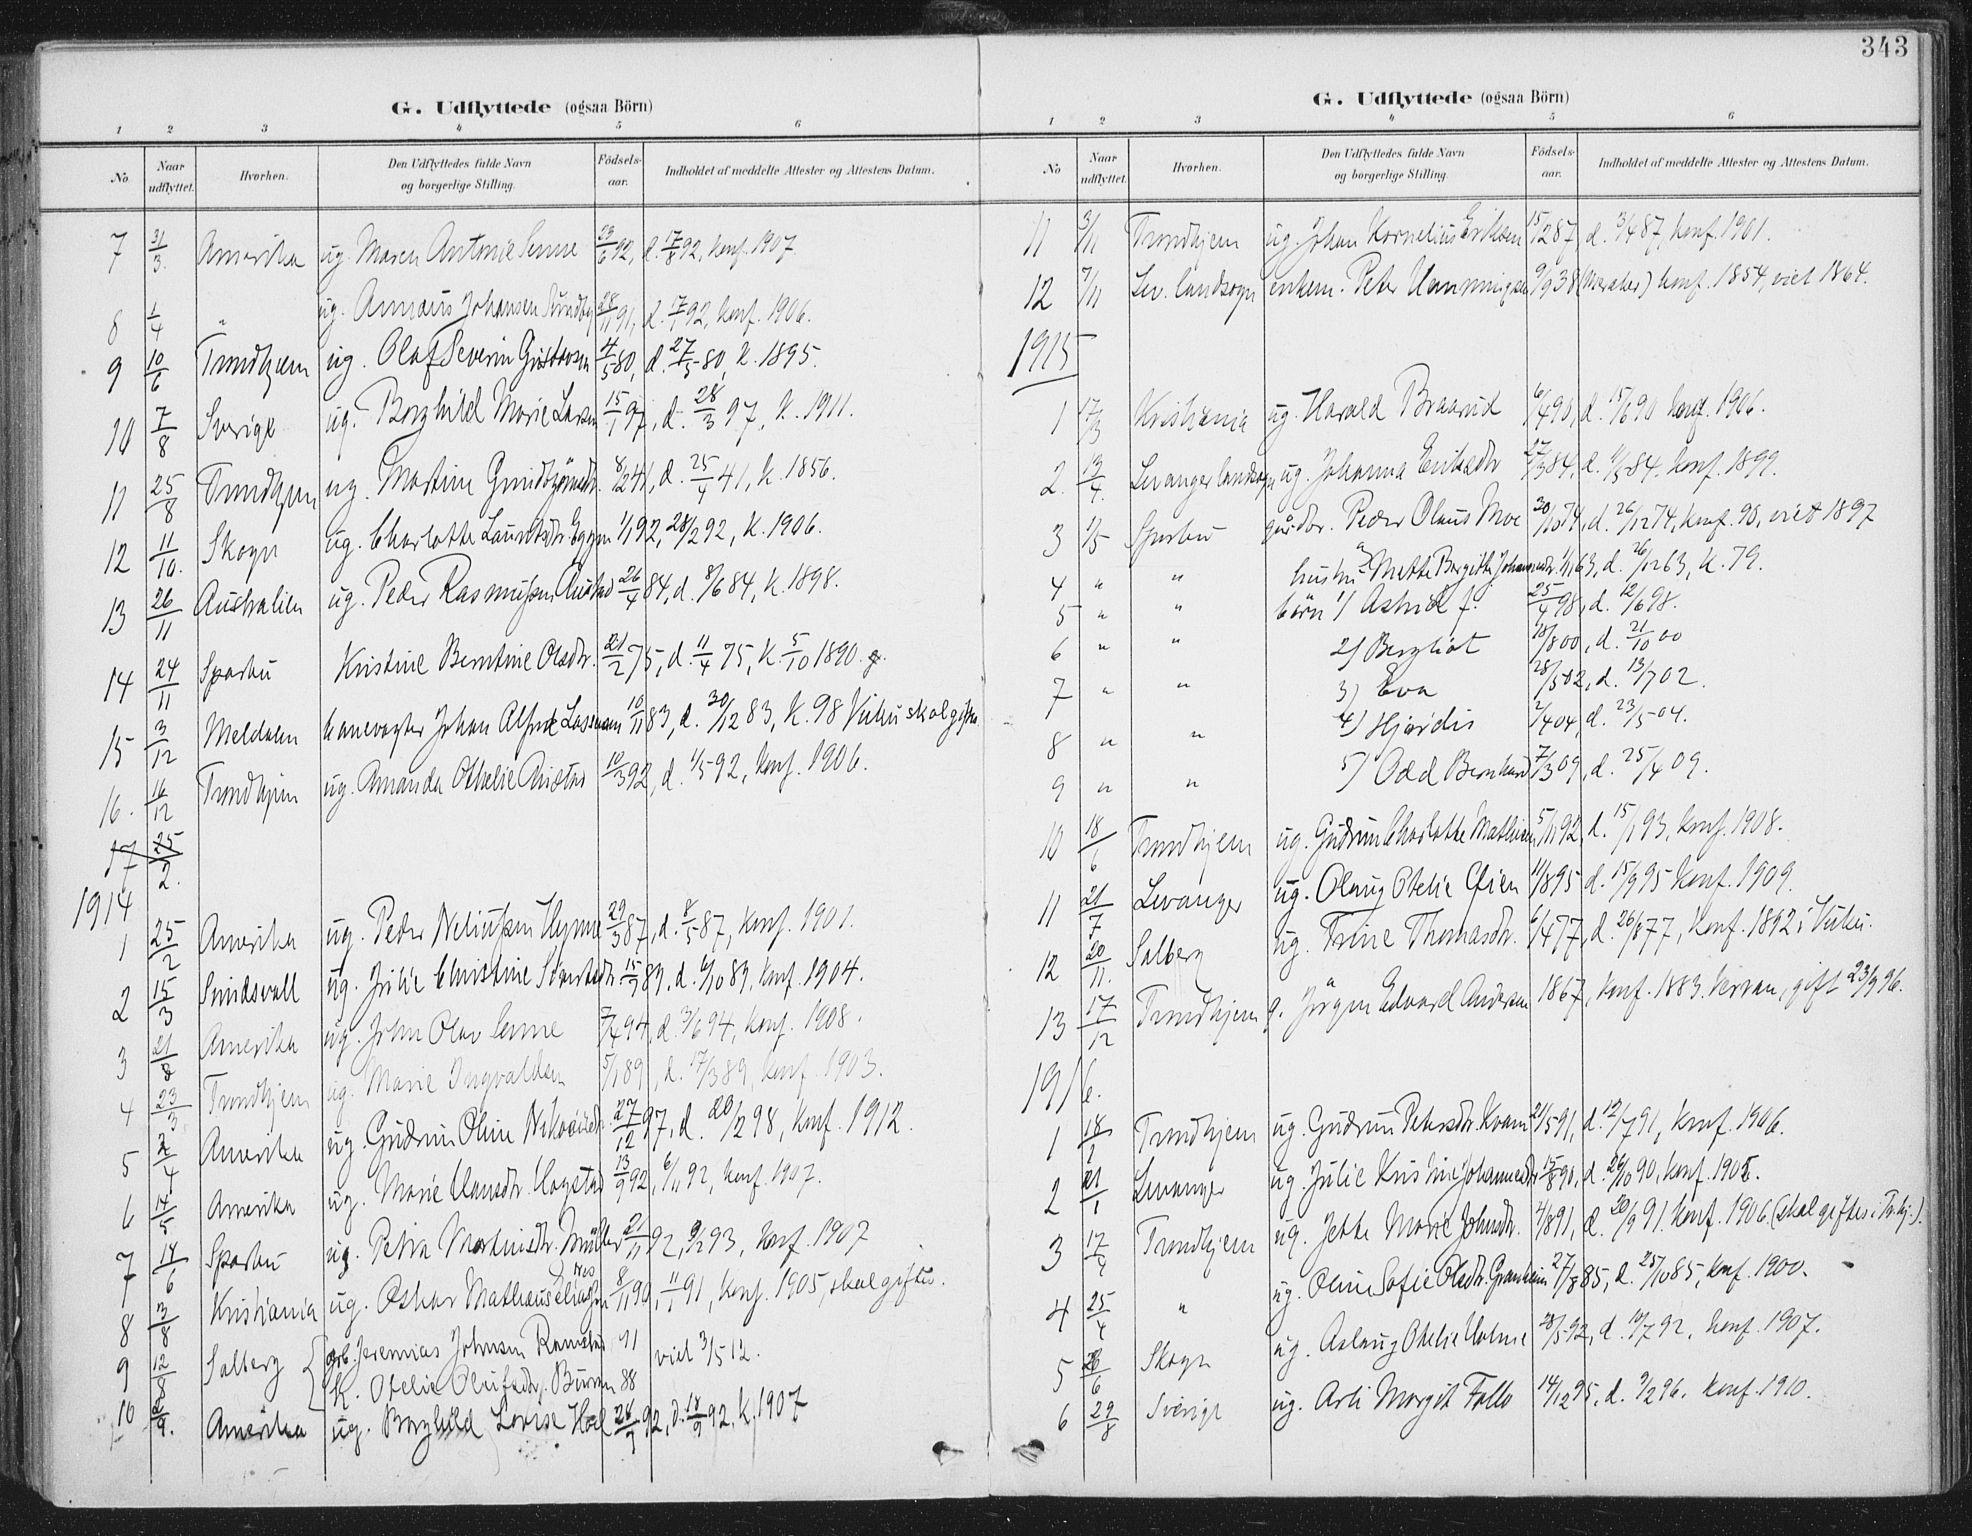 SAT, Ministerialprotokoller, klokkerbøker og fødselsregistre - Nord-Trøndelag, 723/L0246: Ministerialbok nr. 723A15, 1900-1917, s. 343